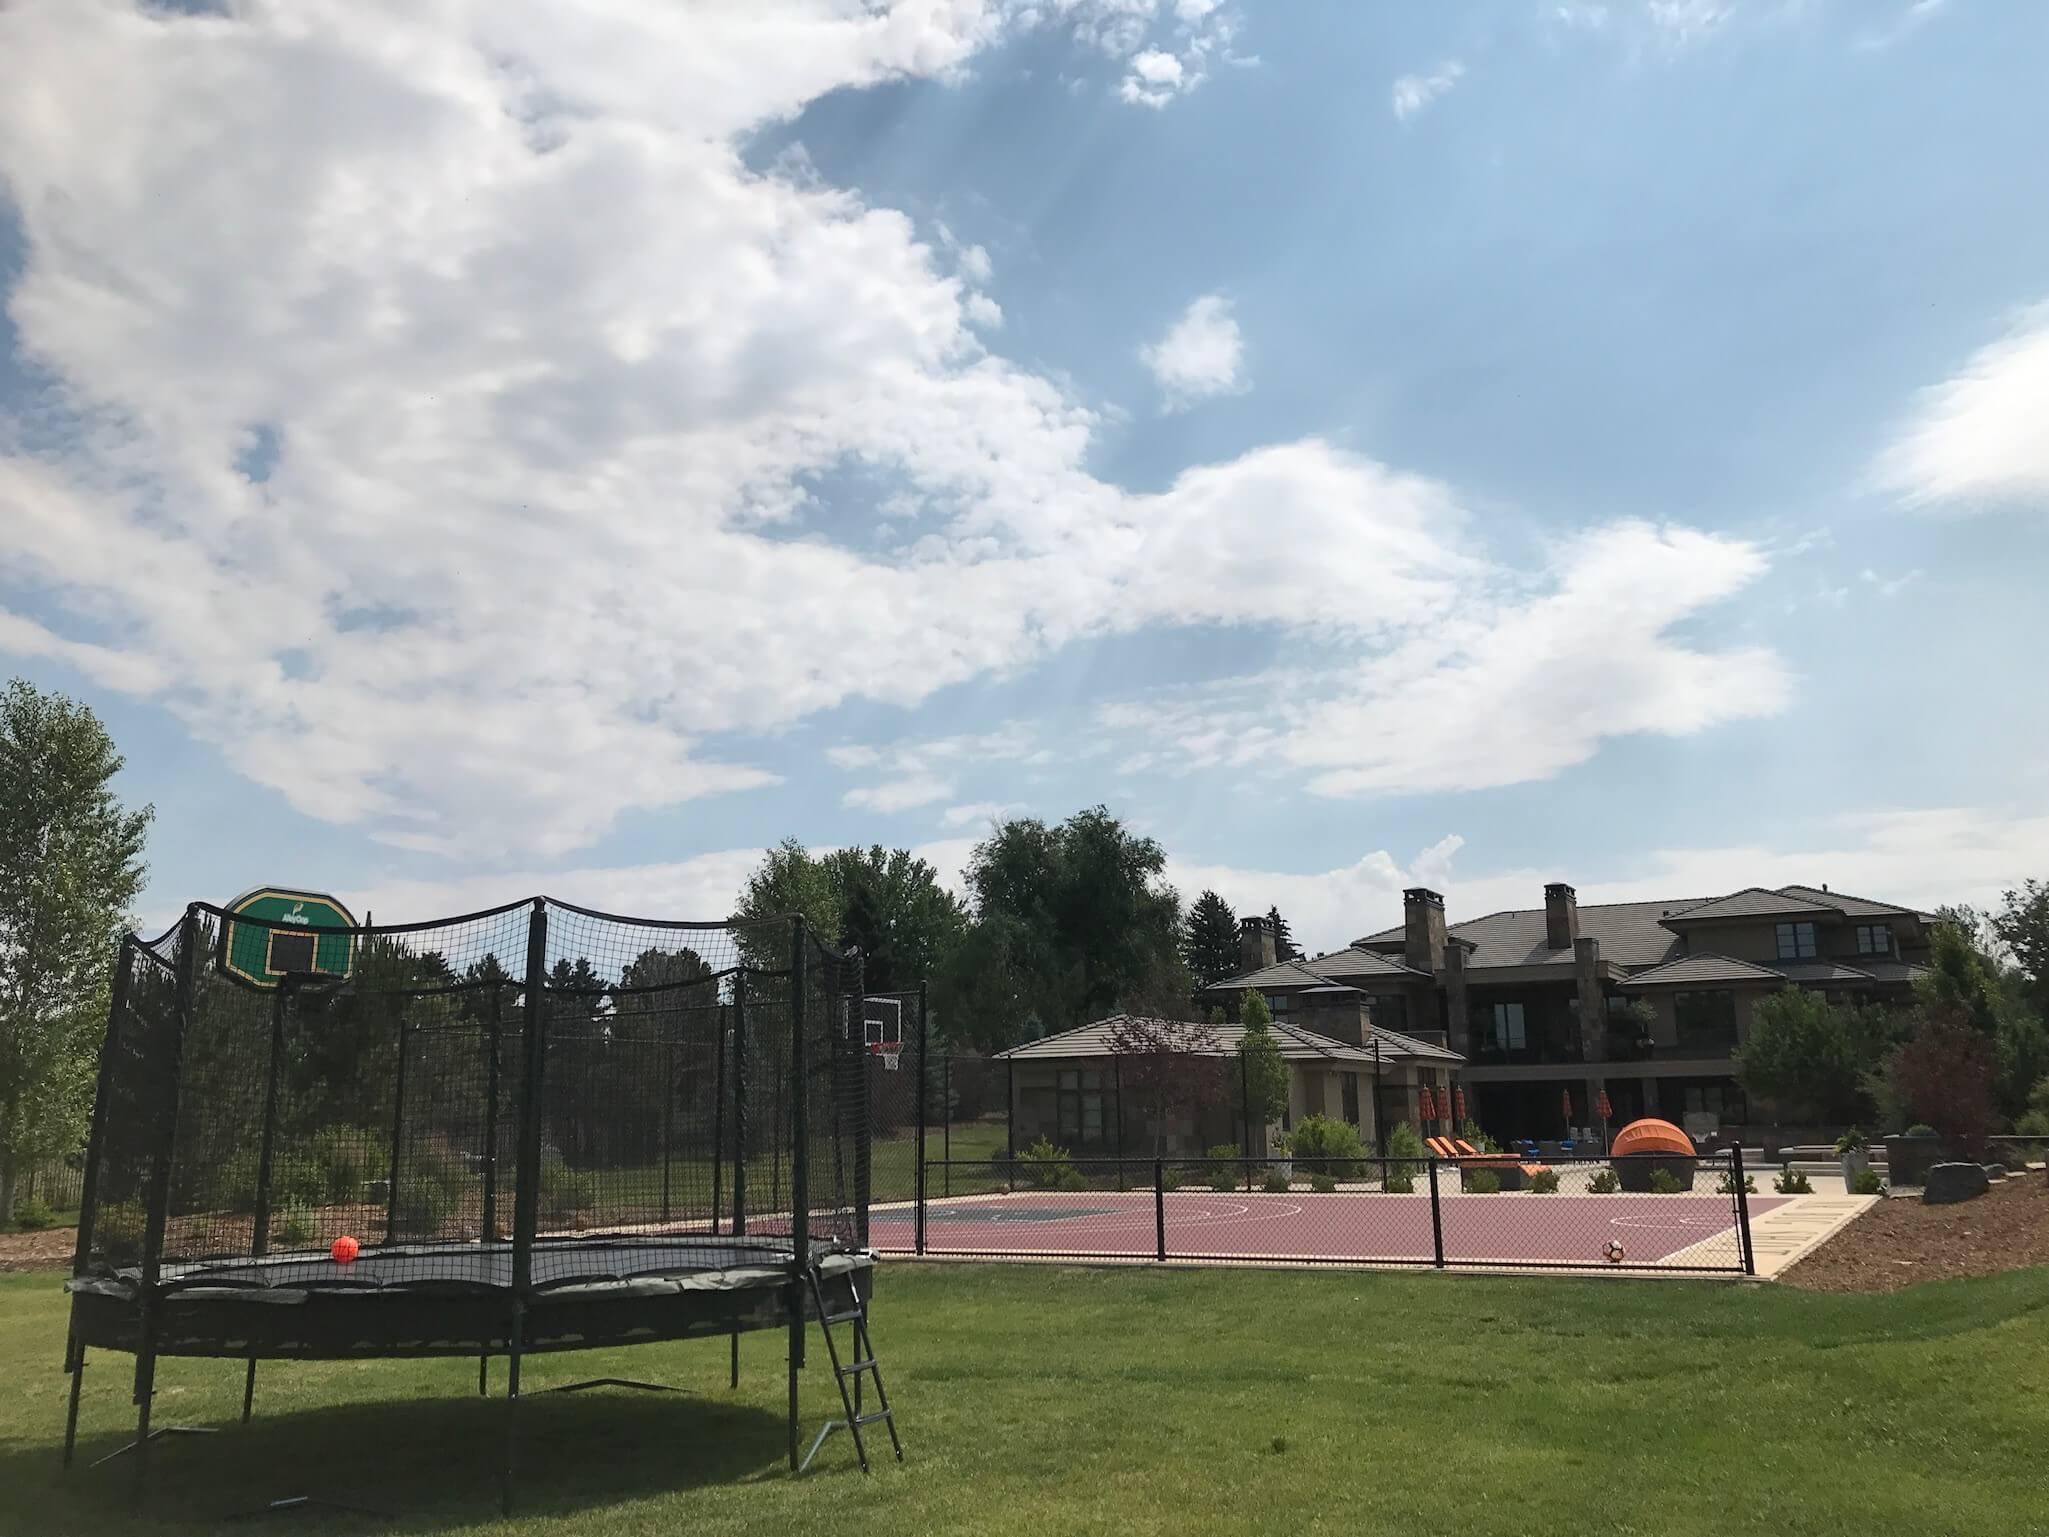 trampoline delivery, installation, for sale in denver